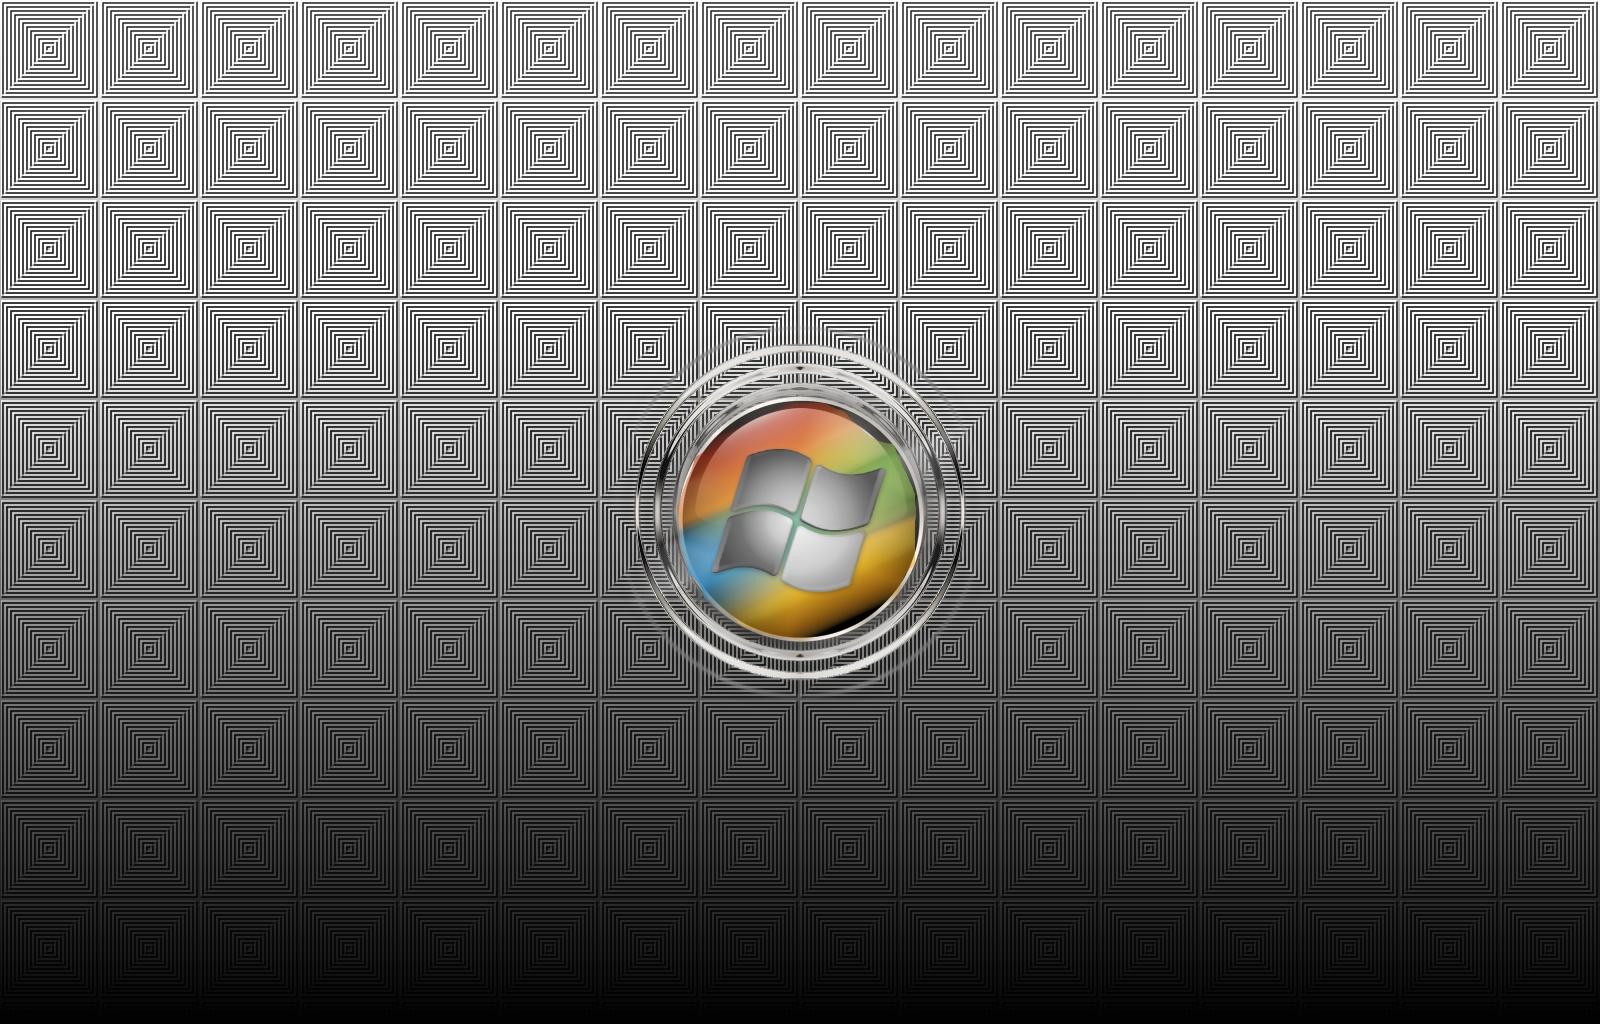 Chrome wallpapers for desktop wallpapersafari - Wallpaper 1600x1024 ...